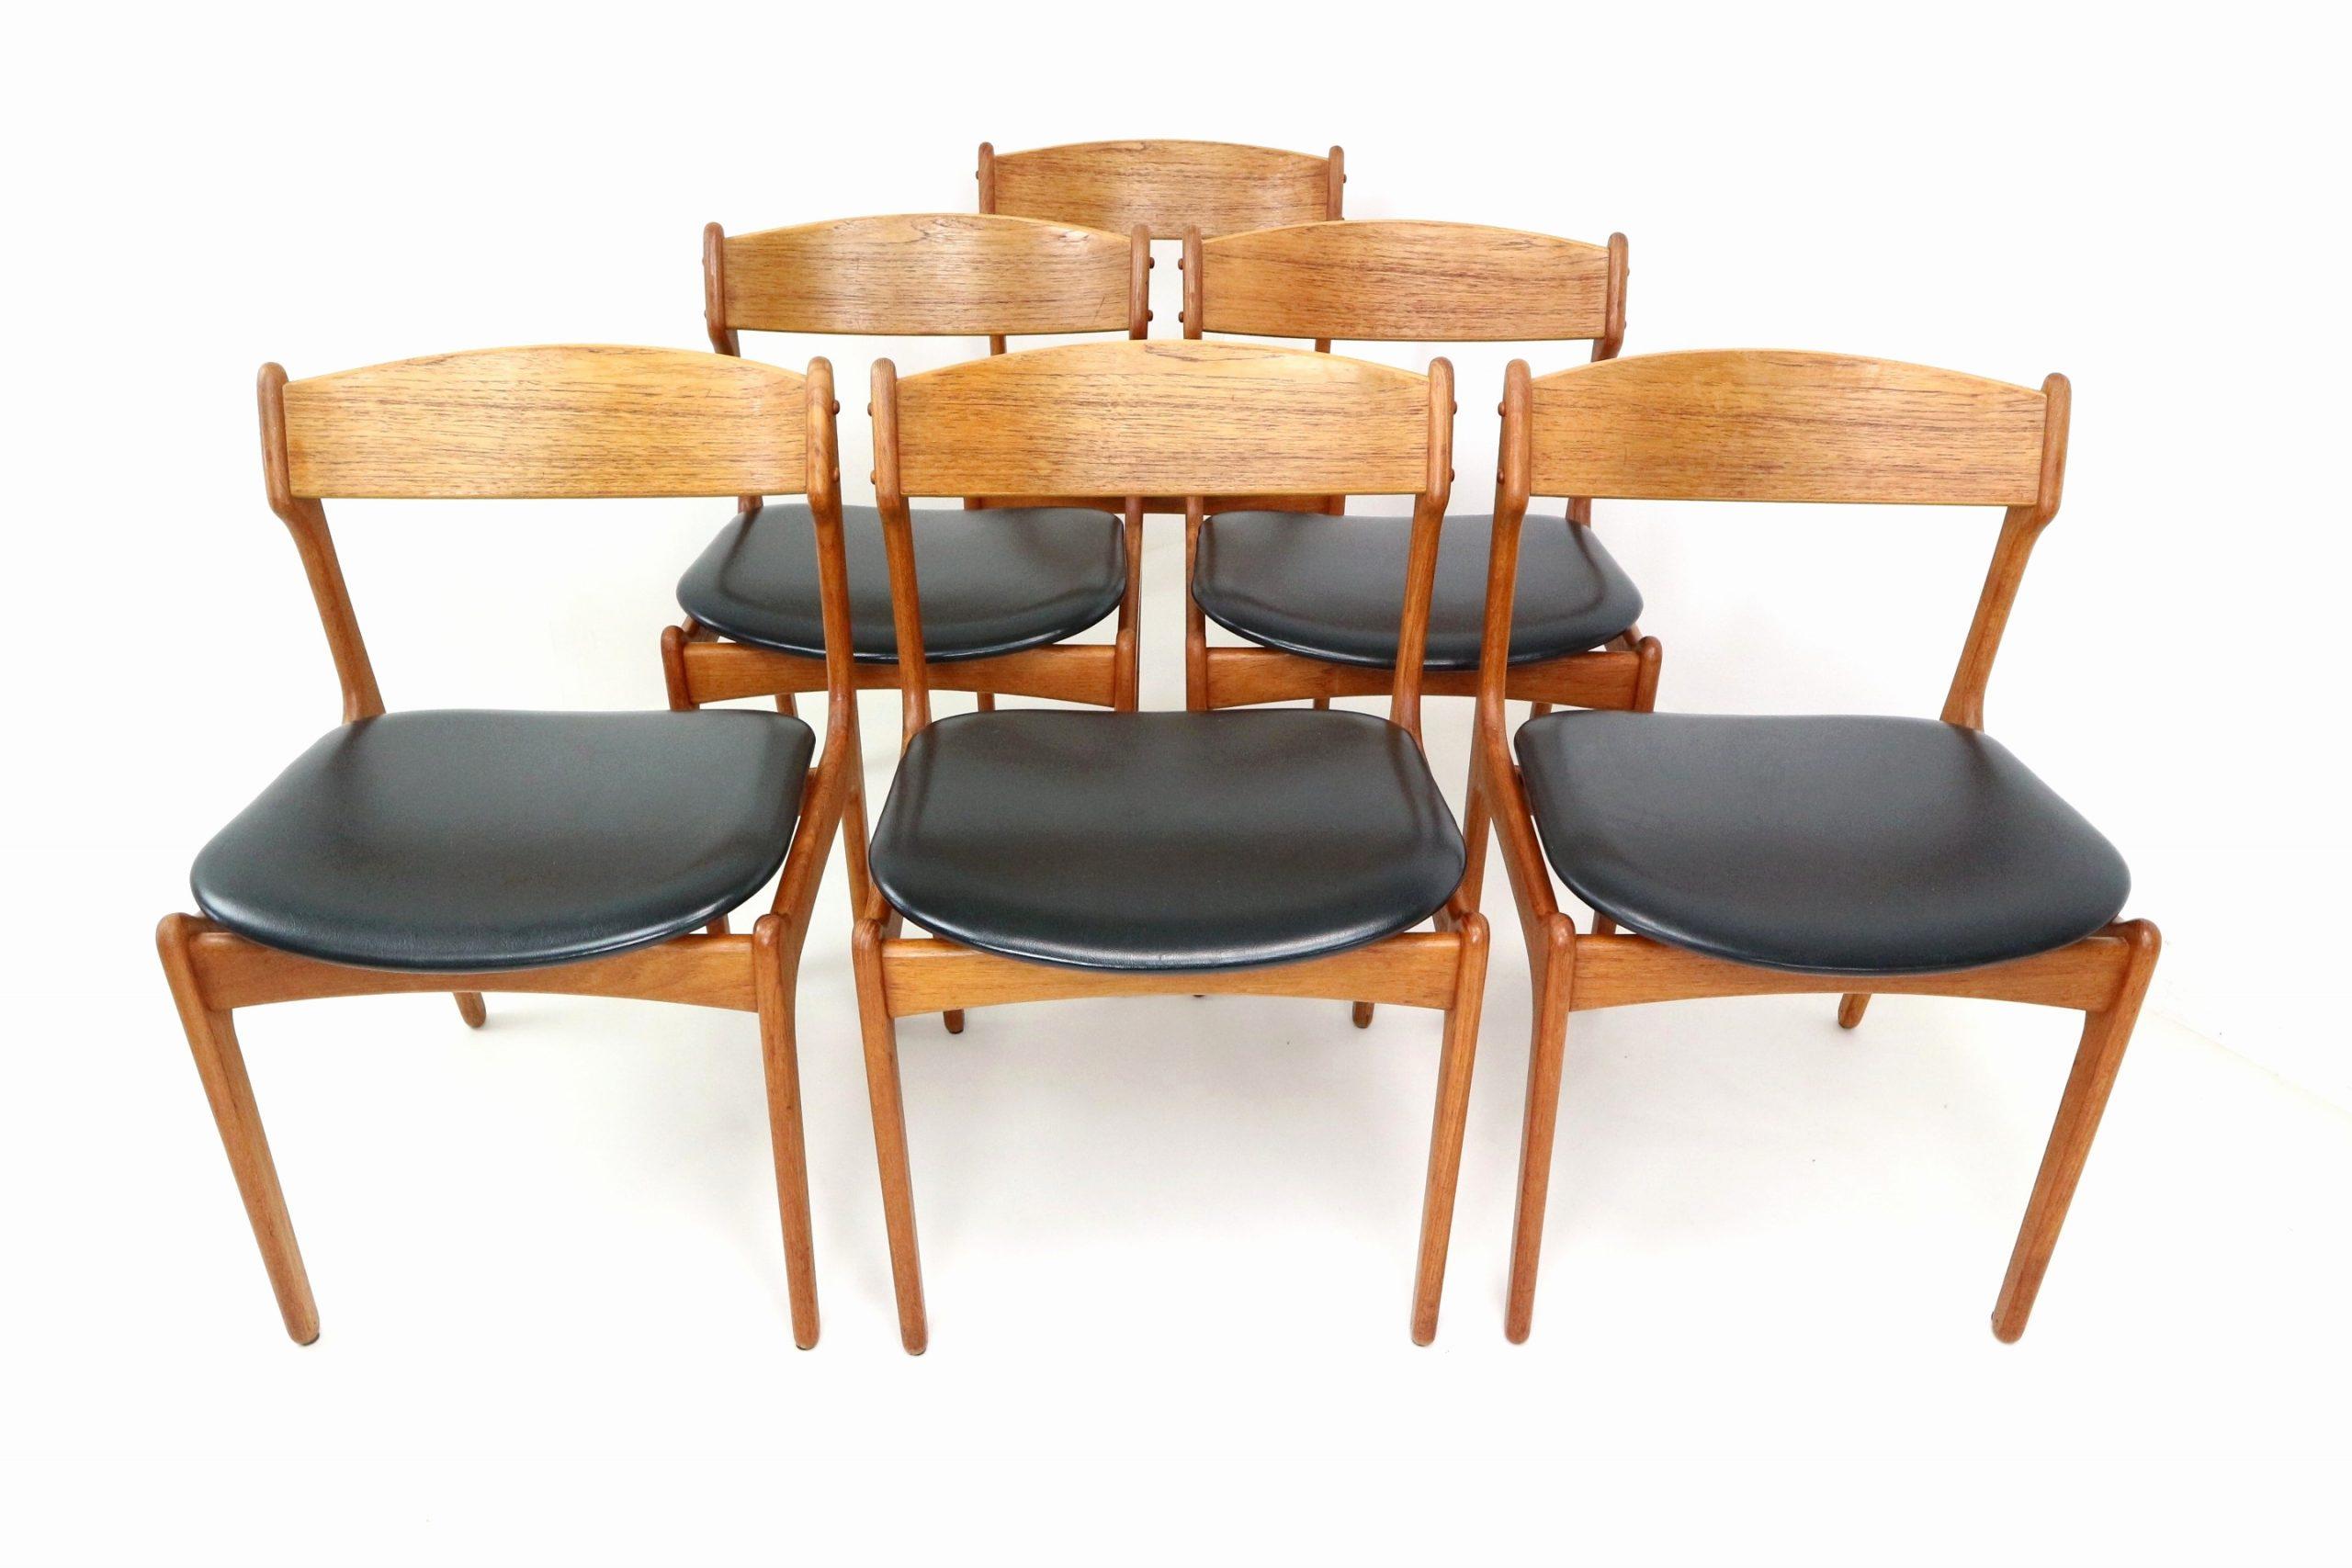 Table Pliante Nouveau De Carrefour Spuvqzm Chaise Jardin ... serapportantà Fauteuil Jardin Carrefour